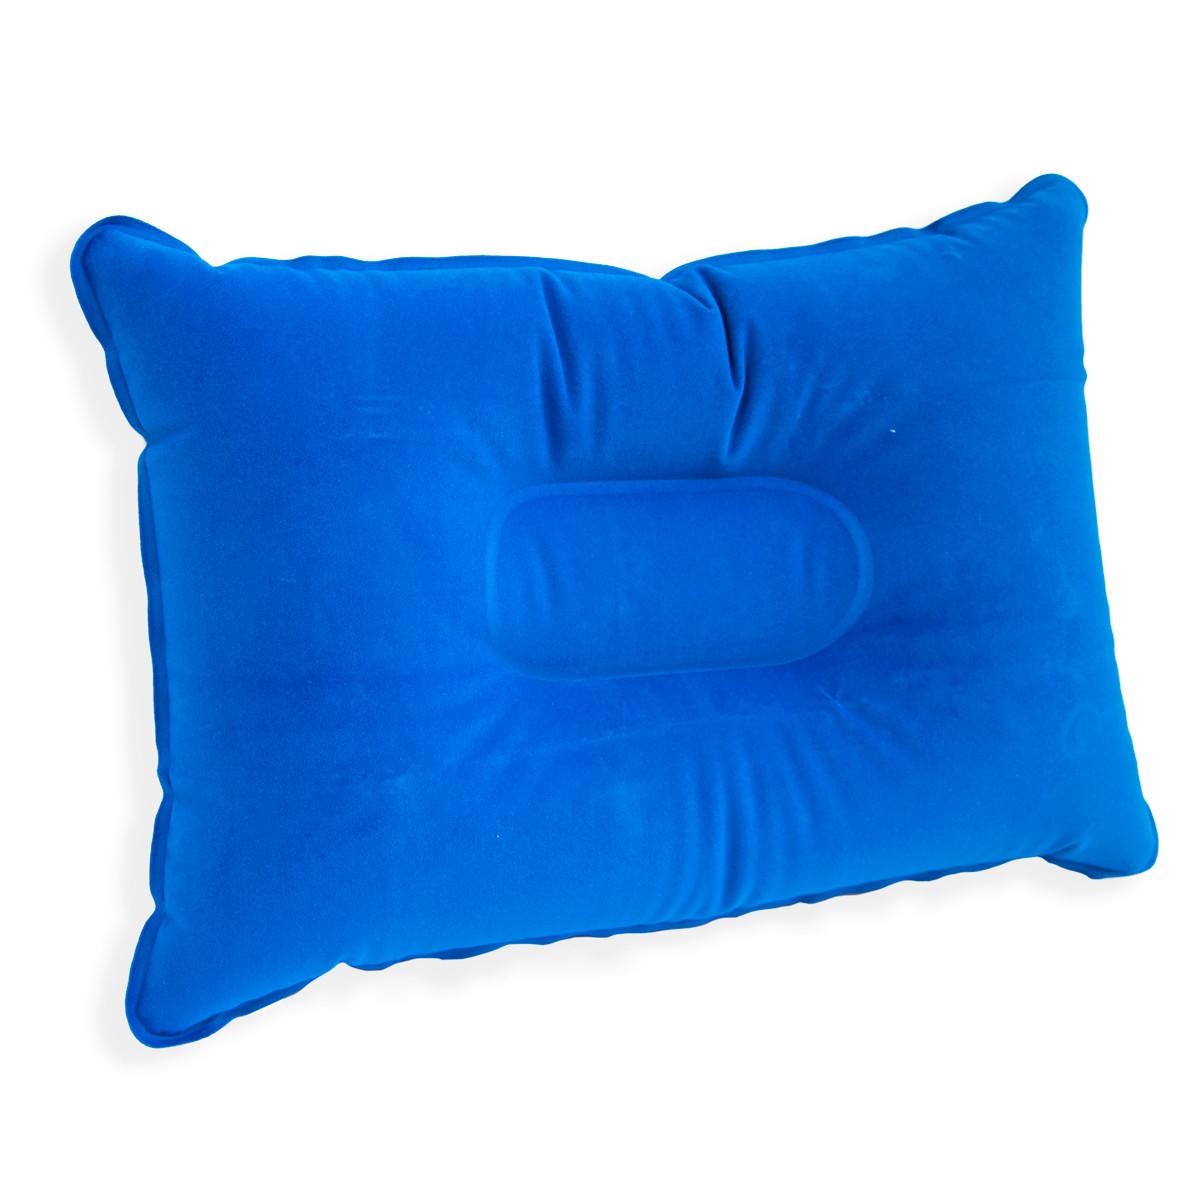 Синяя подушка для путешествий надувная 34х24 см, подушка надувная туристическая, дорожная, для кемпинга (ST)